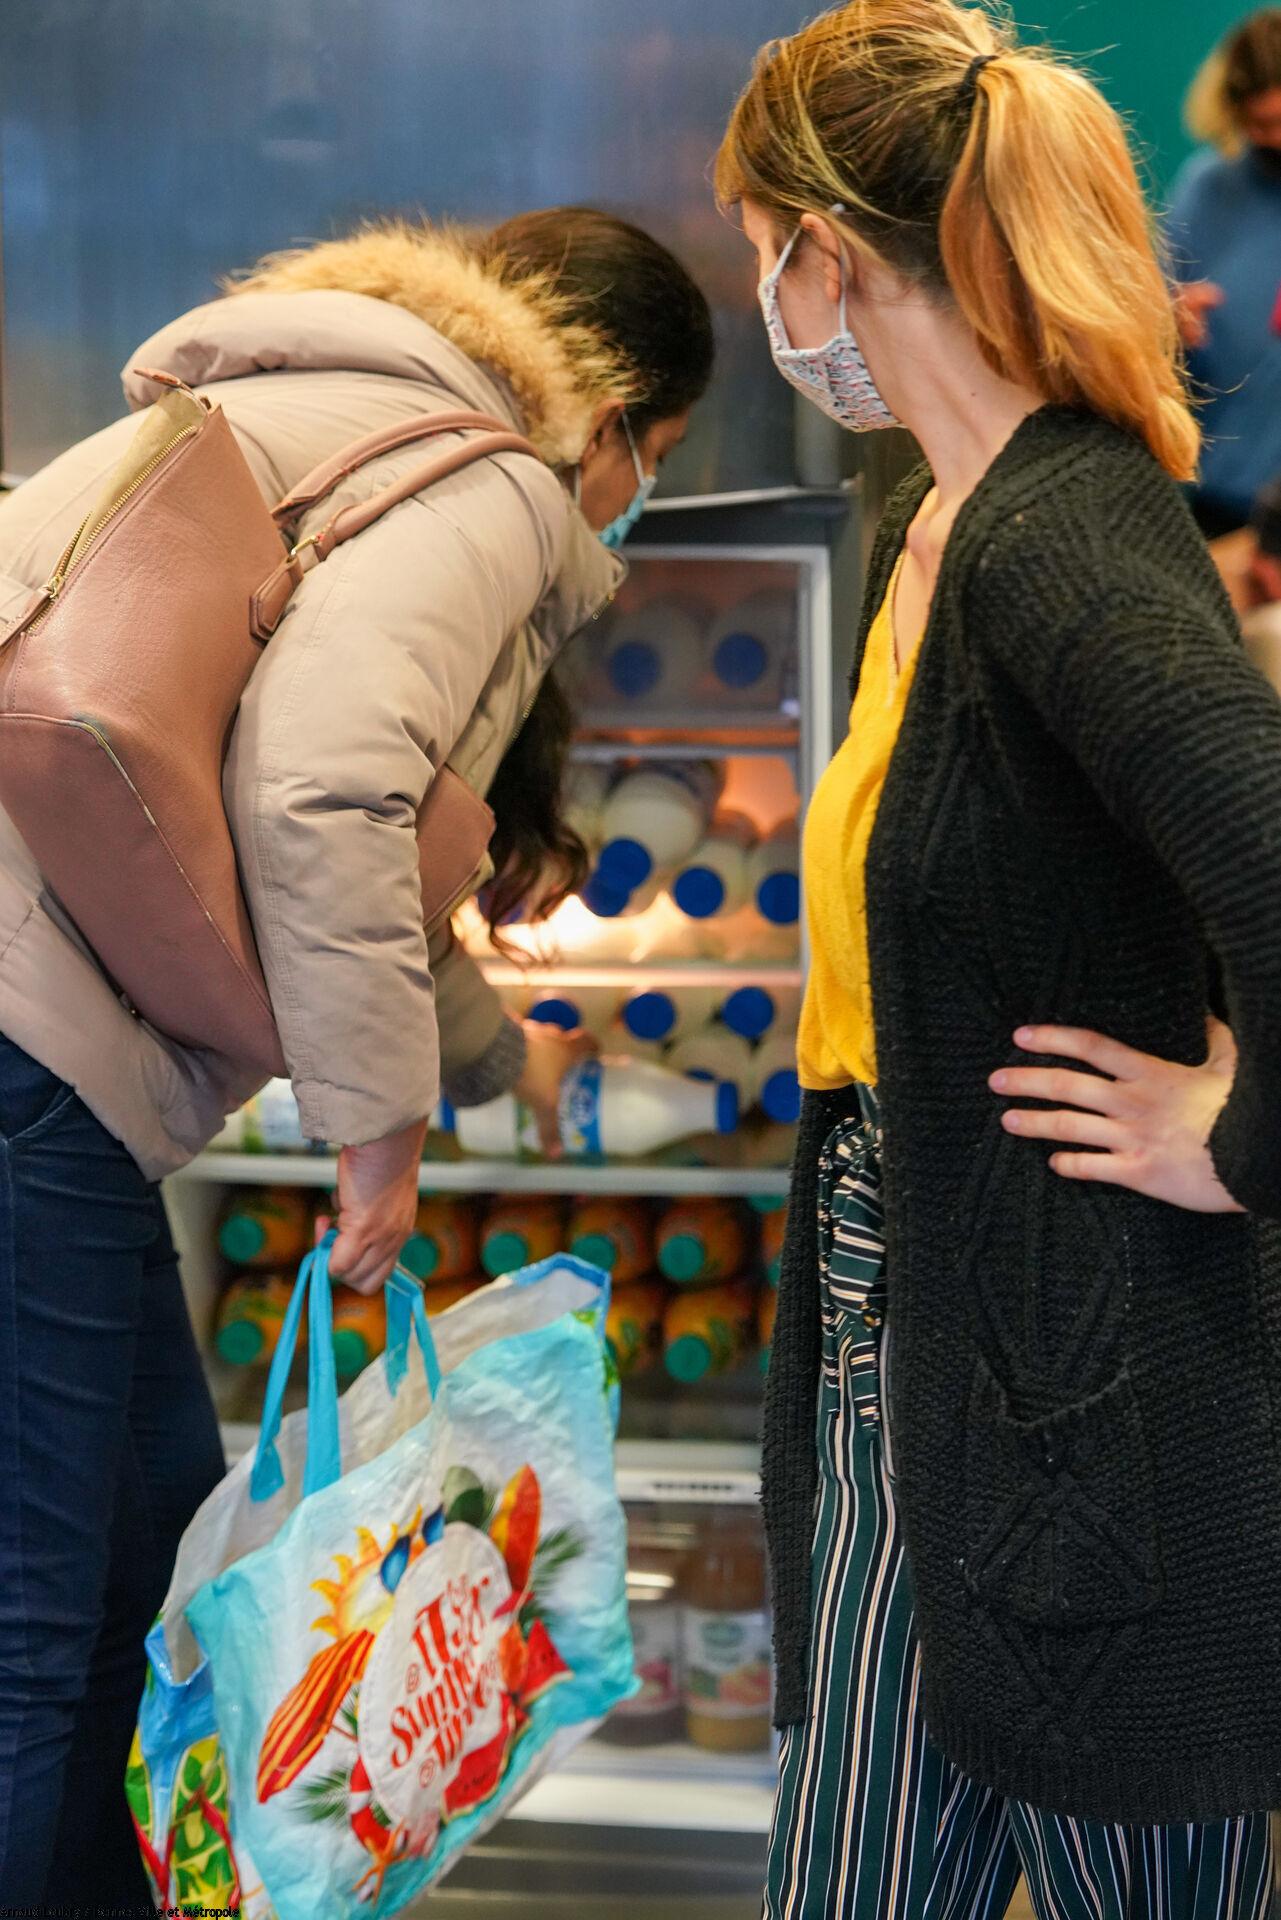 Une femme qui prend un litre de lait dans un réfrigérateur et une autre femme qui la regarde